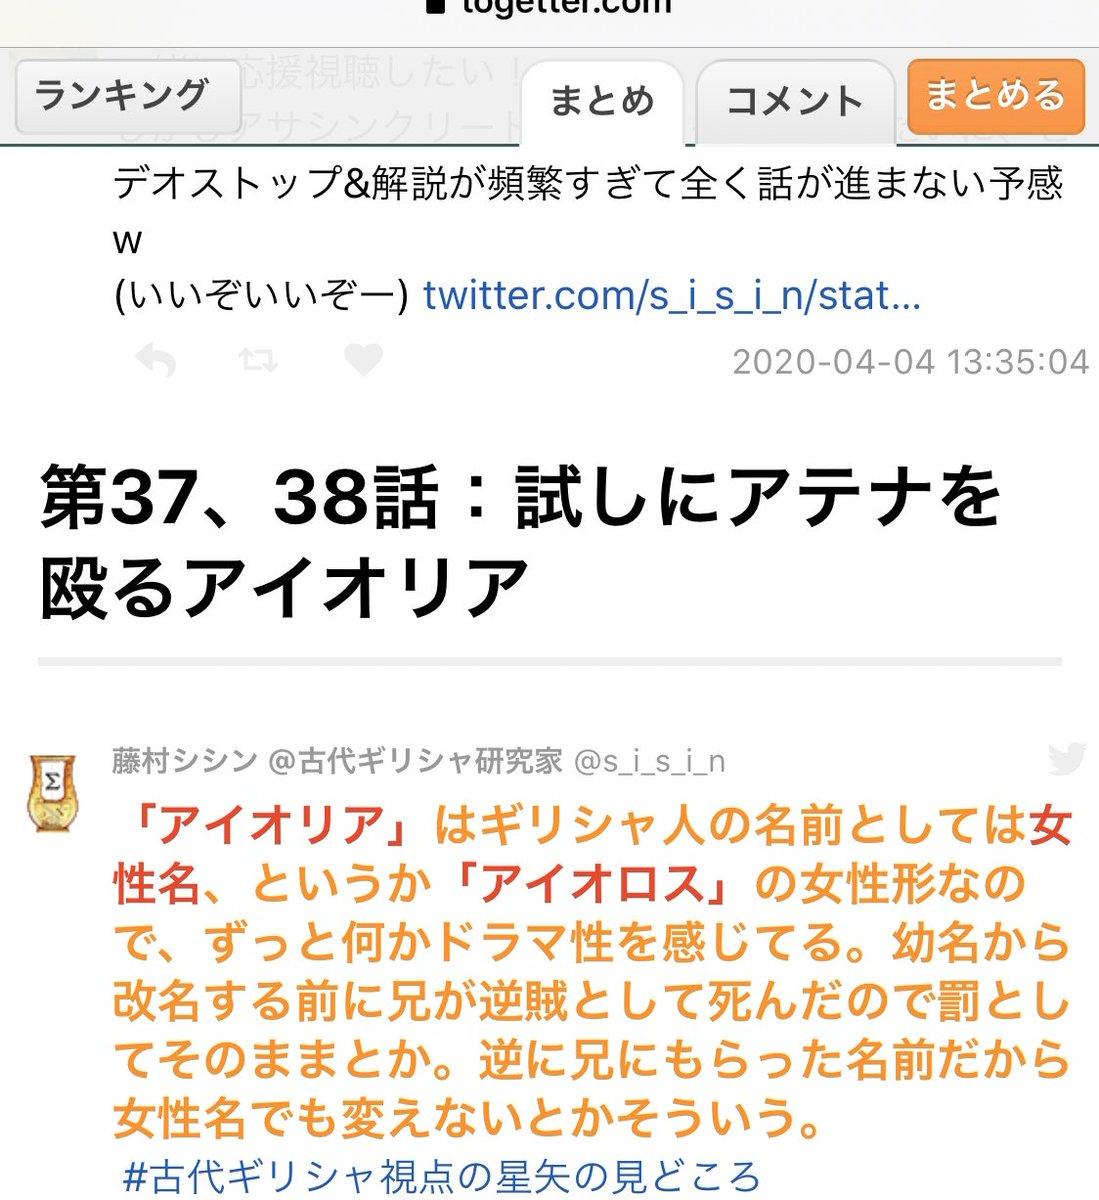 黒川さん、ちゃんと観てるとこの話数と内容まで書いてくれてる😂 細かすぎるッ……!!ありがとうッ……!!!